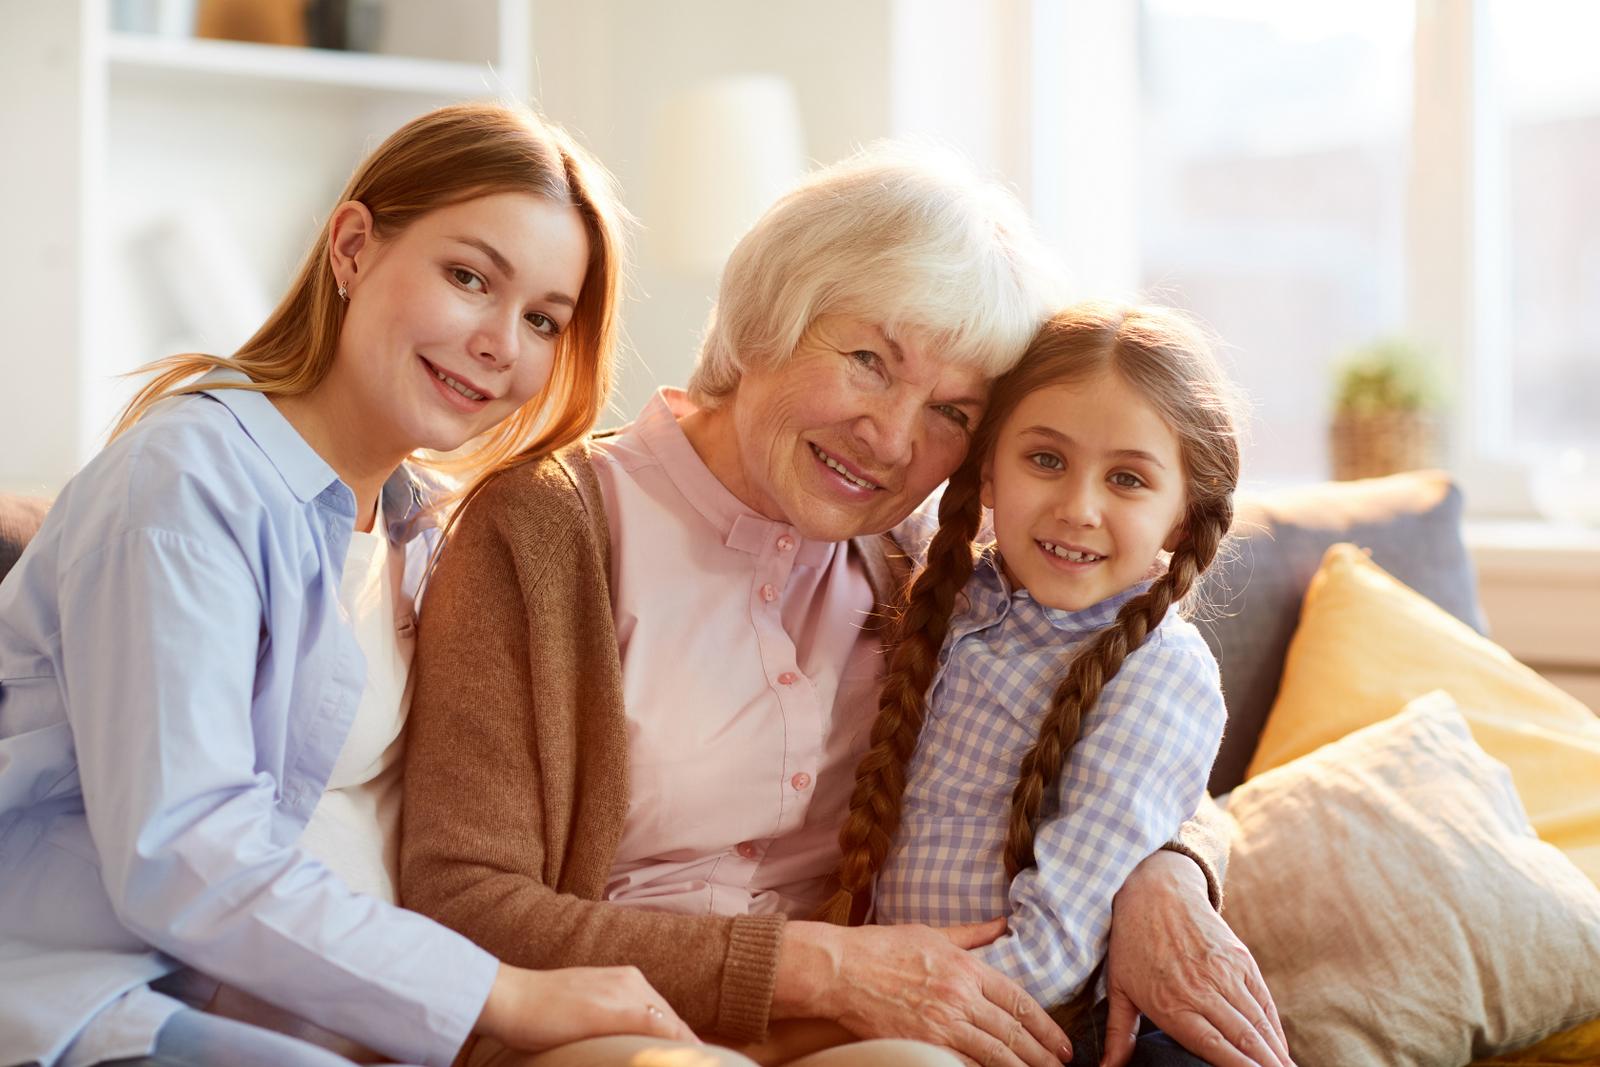 Vztahy v rodině jsou důležité. Babička by neměla podkopávat autoritu rodičů